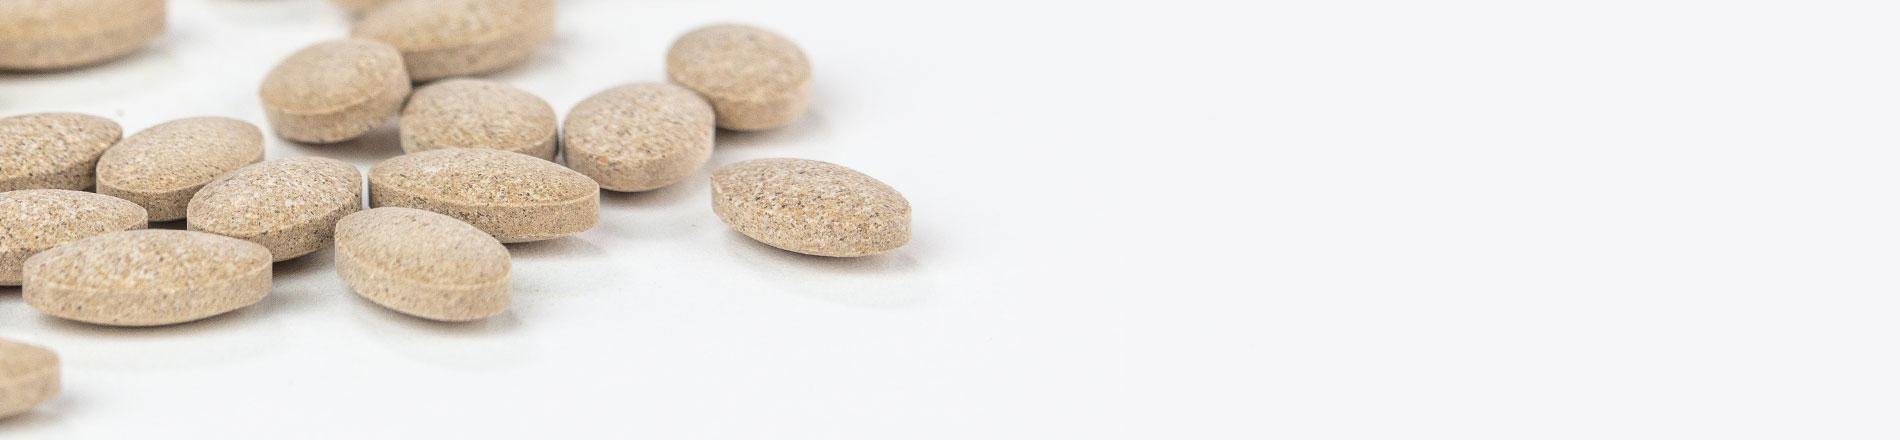 Amalaki tablets